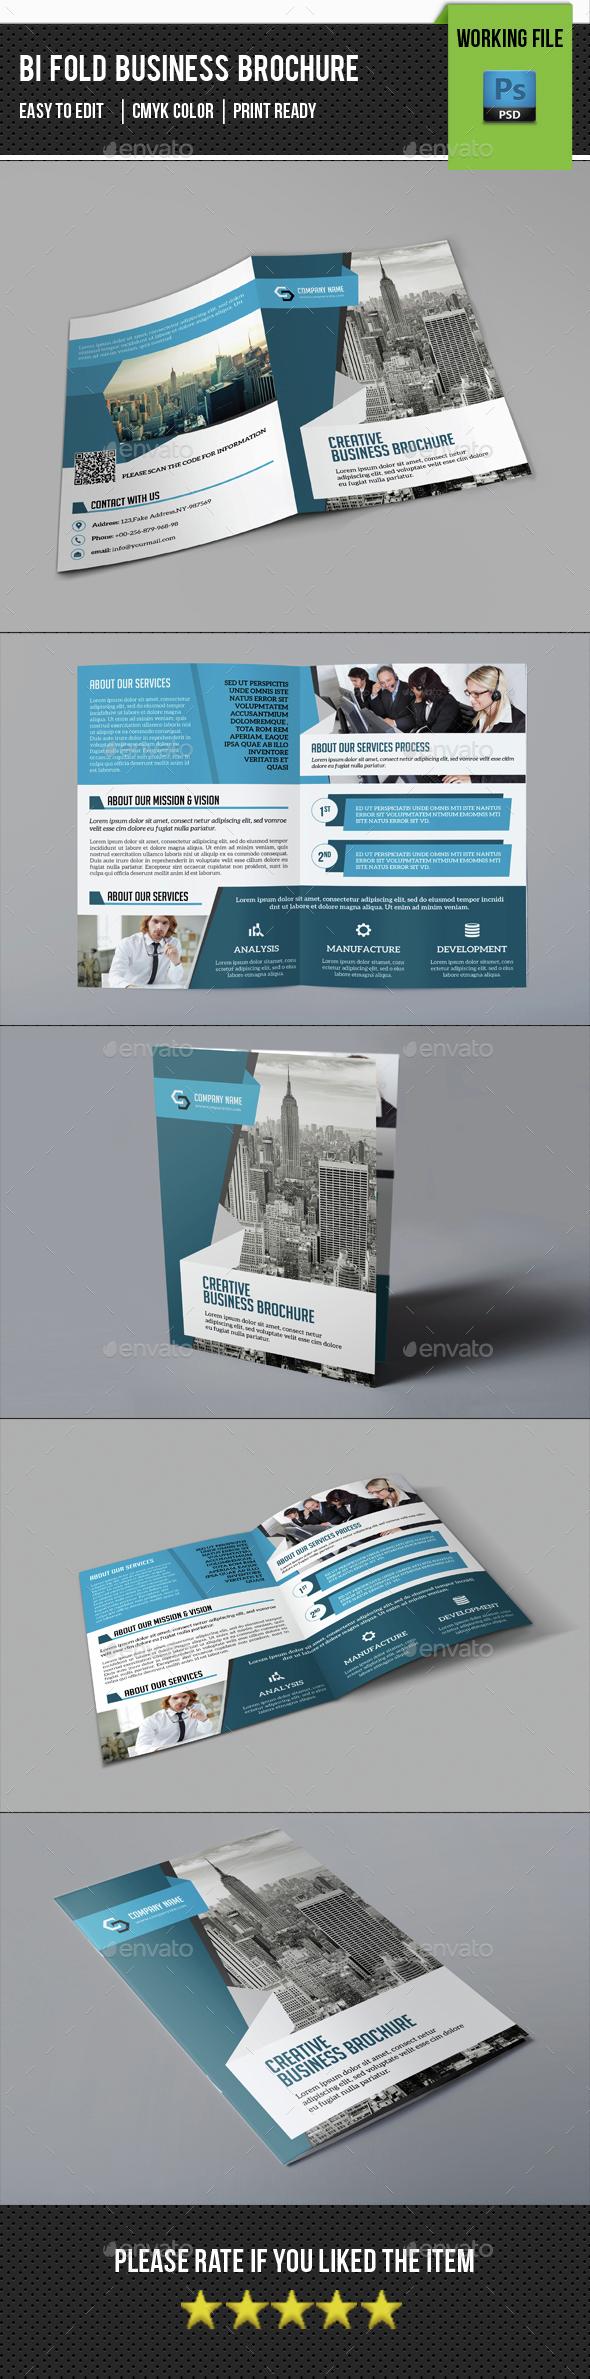 Corporate Bifold Brochure-V370 - Corporate Brochures